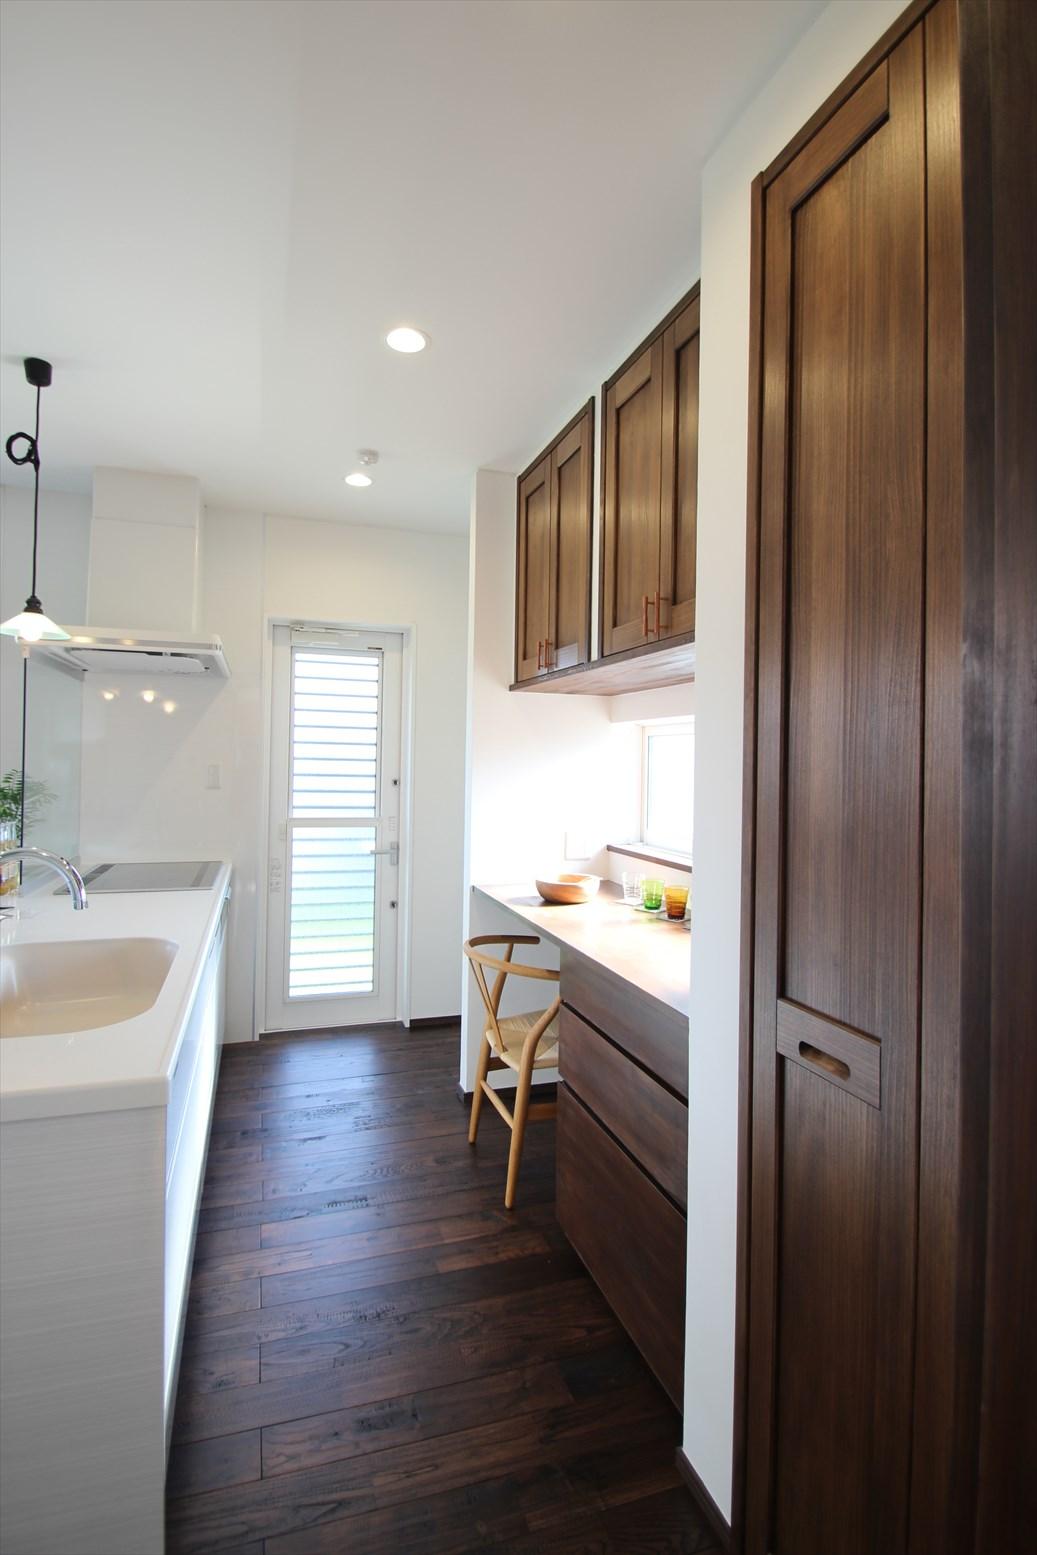 大正ロマンの雰囲気漂う家|石川県金沢市の注文住宅・デザイン性・新築の家・戸建て|E-HOUSE